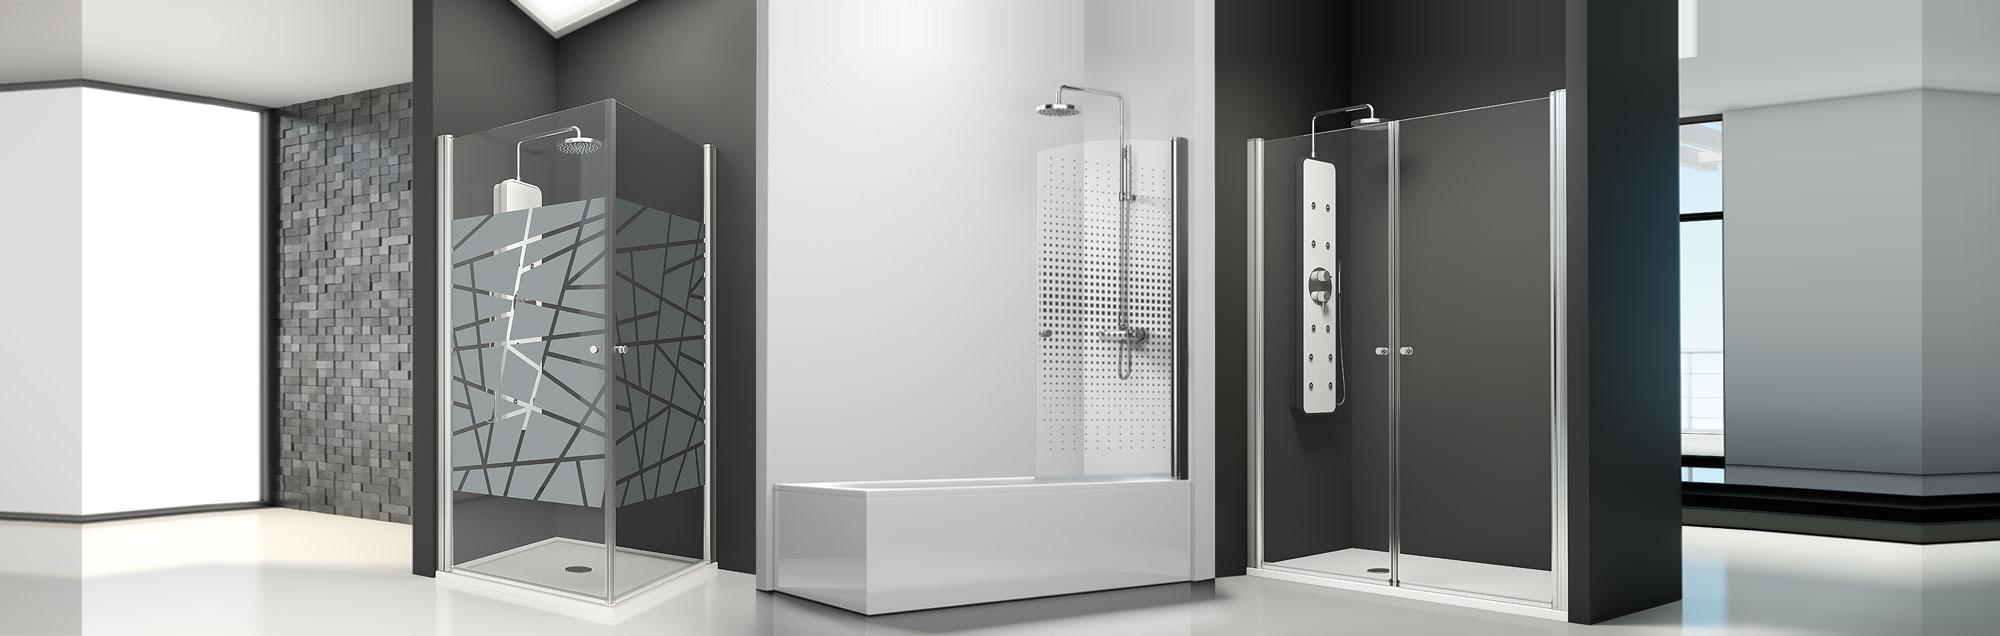 Serie Arcoiris di box doccia battenti su misura